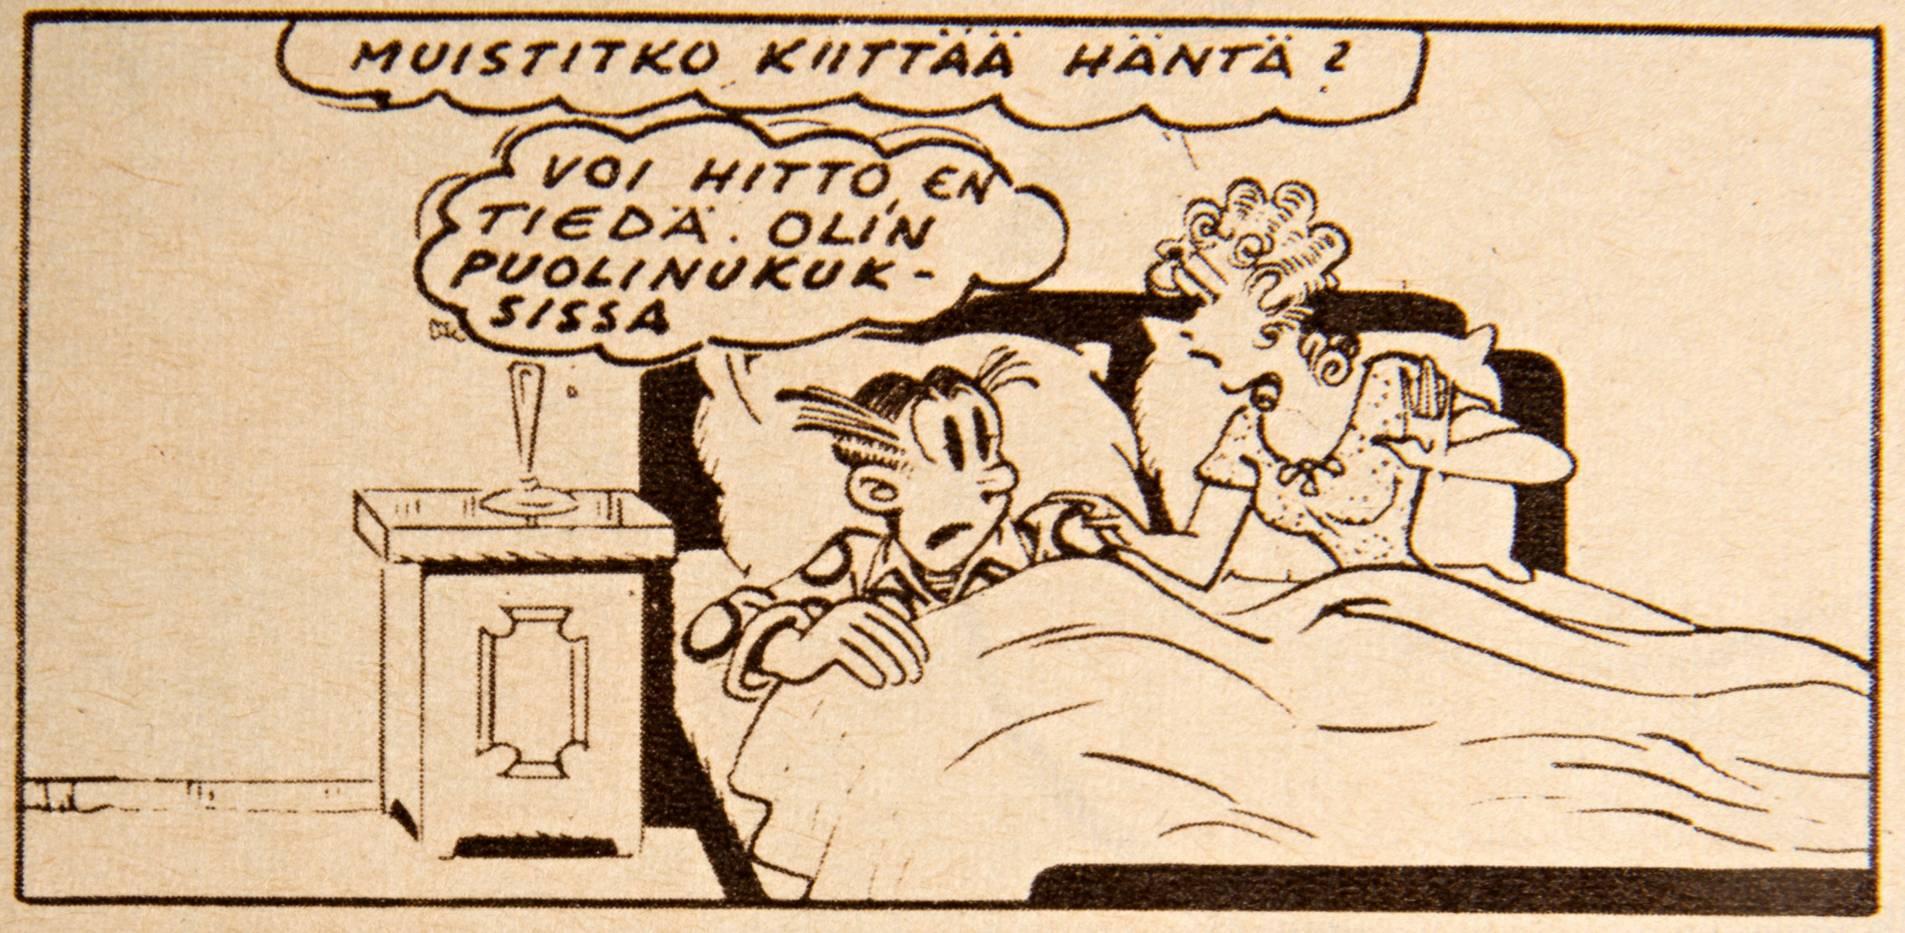 Heikkisten aviovuode esiteltiin SK:ssa 7/1956.